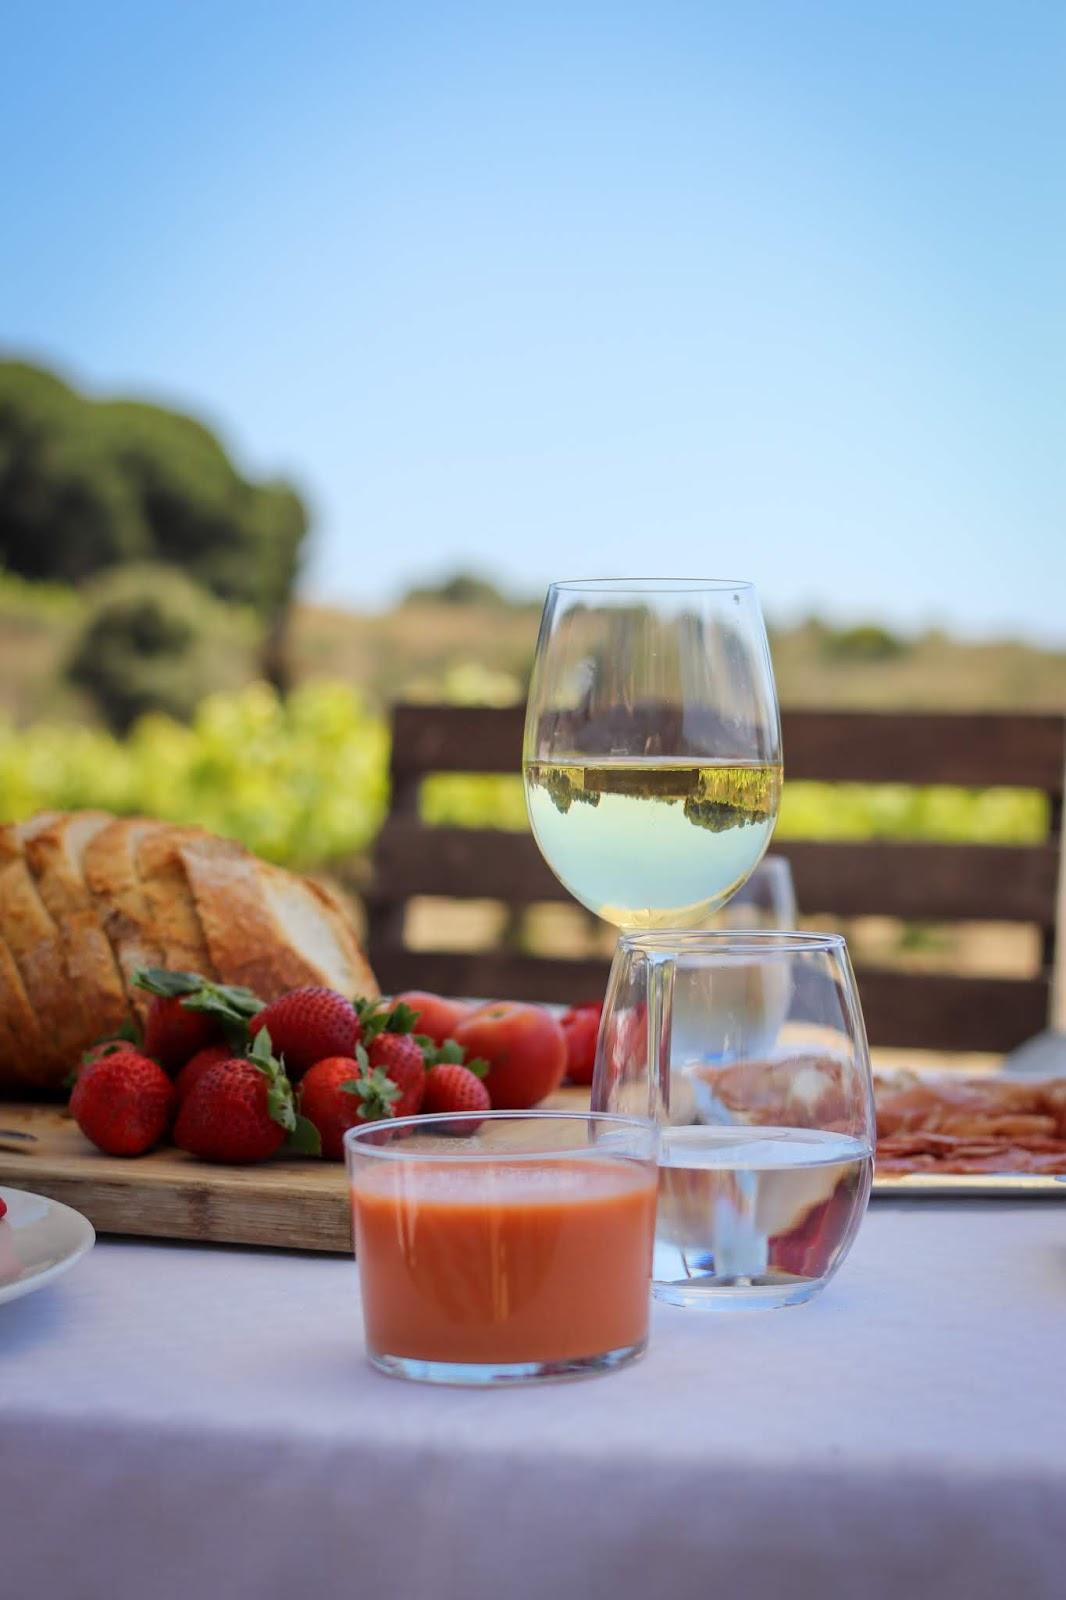 Visiting-a-vineyard-in-Spain